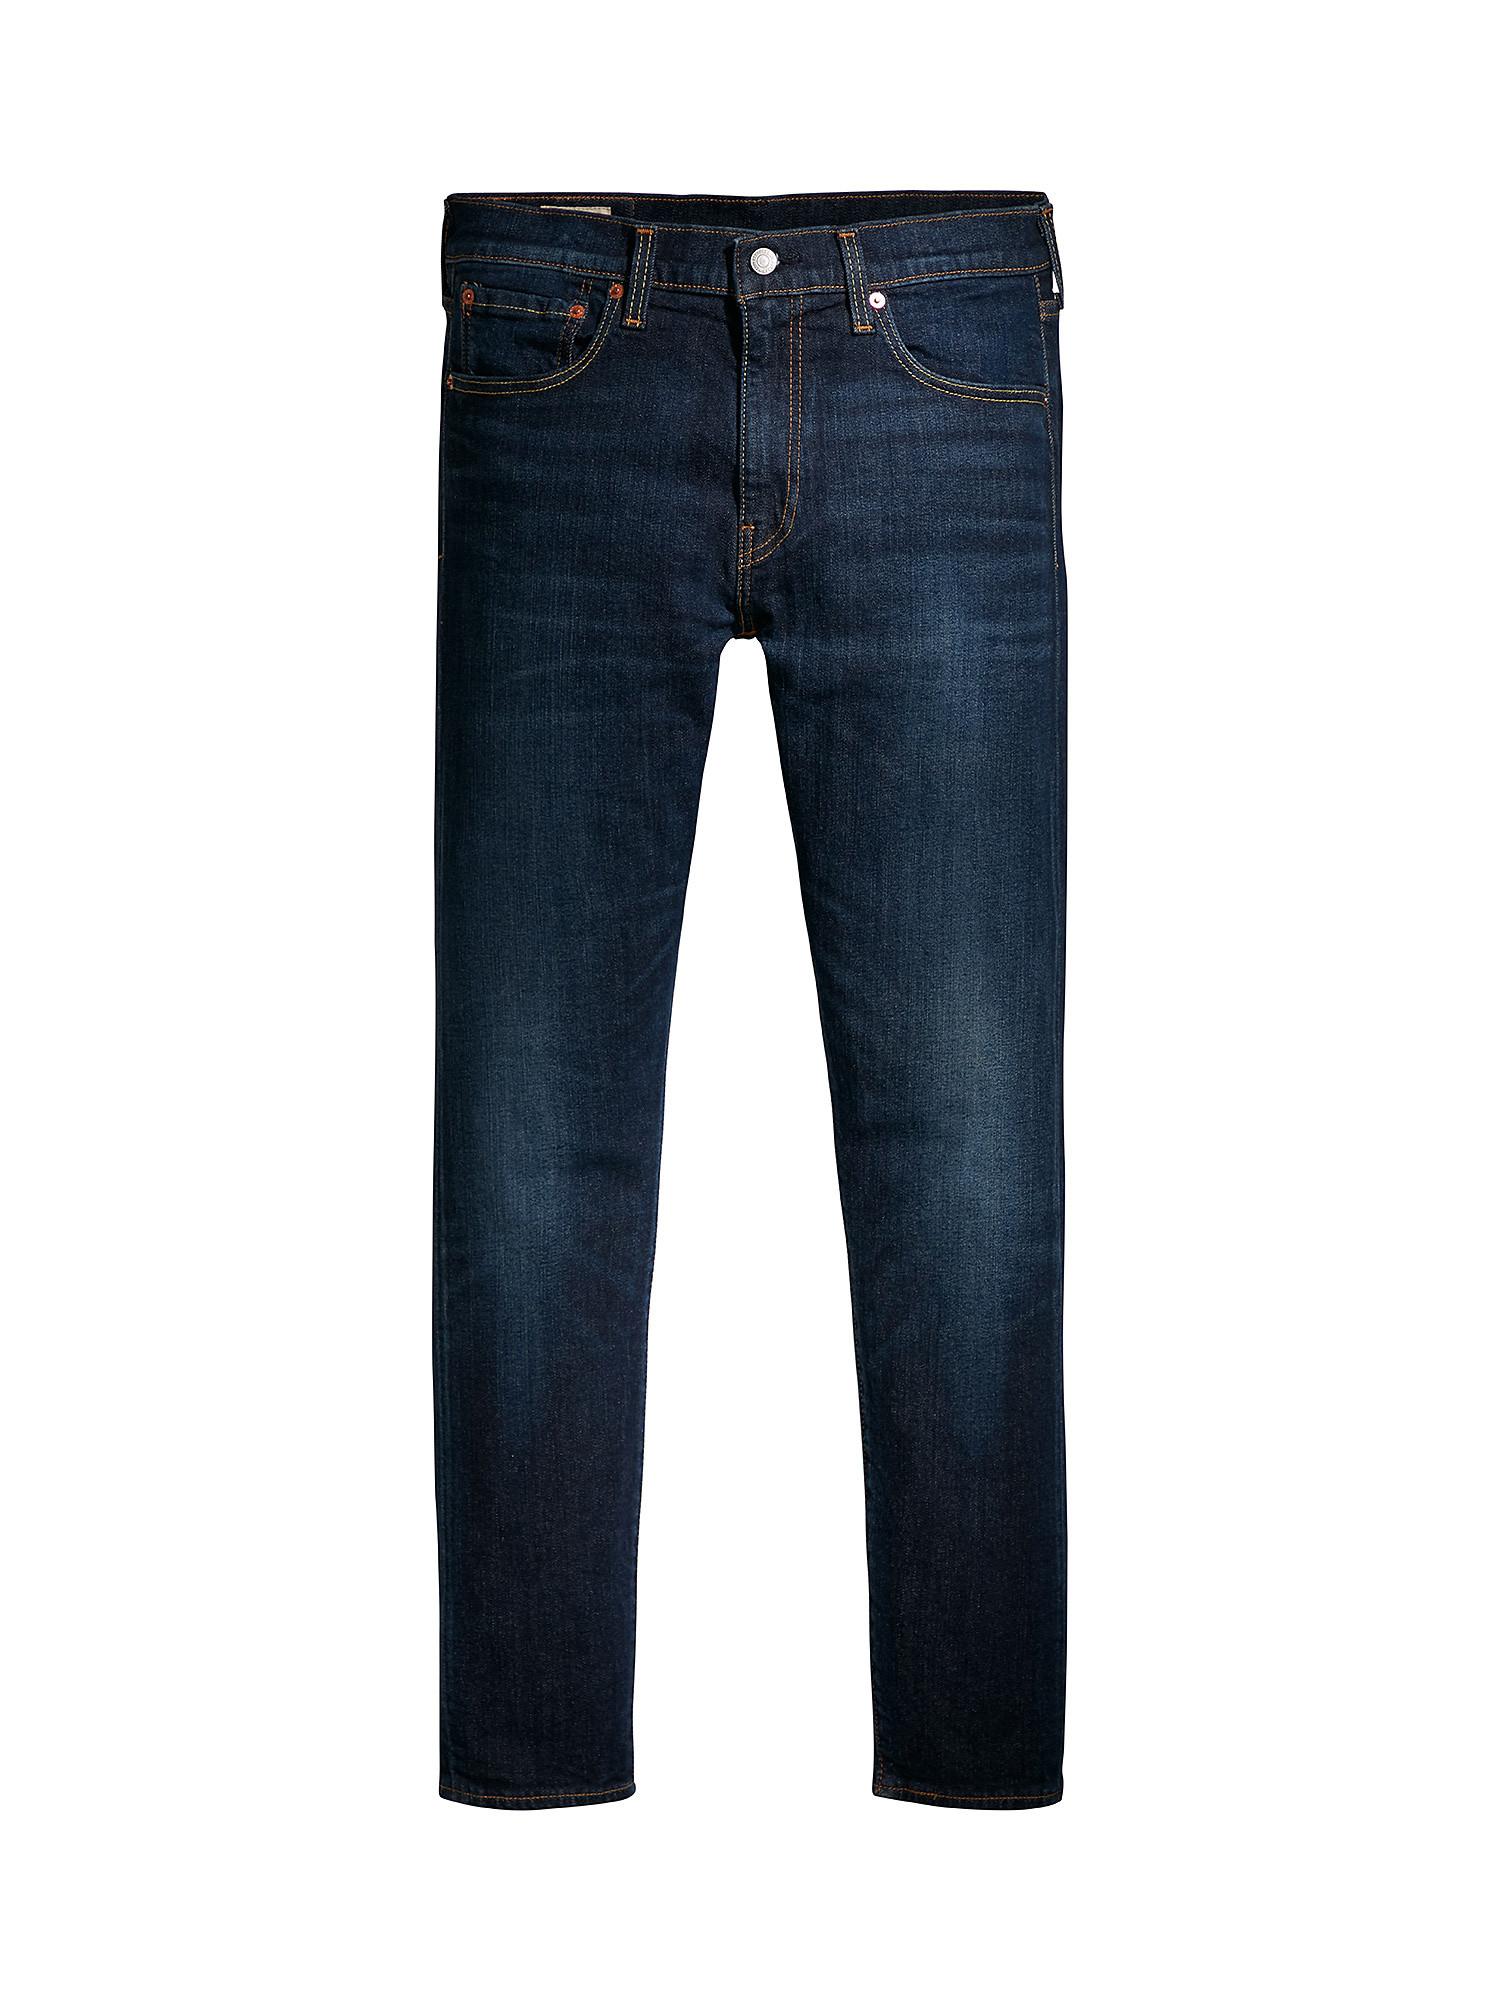 Jeans 5 tasche 512 Slim Taper, Denim, large image number 0